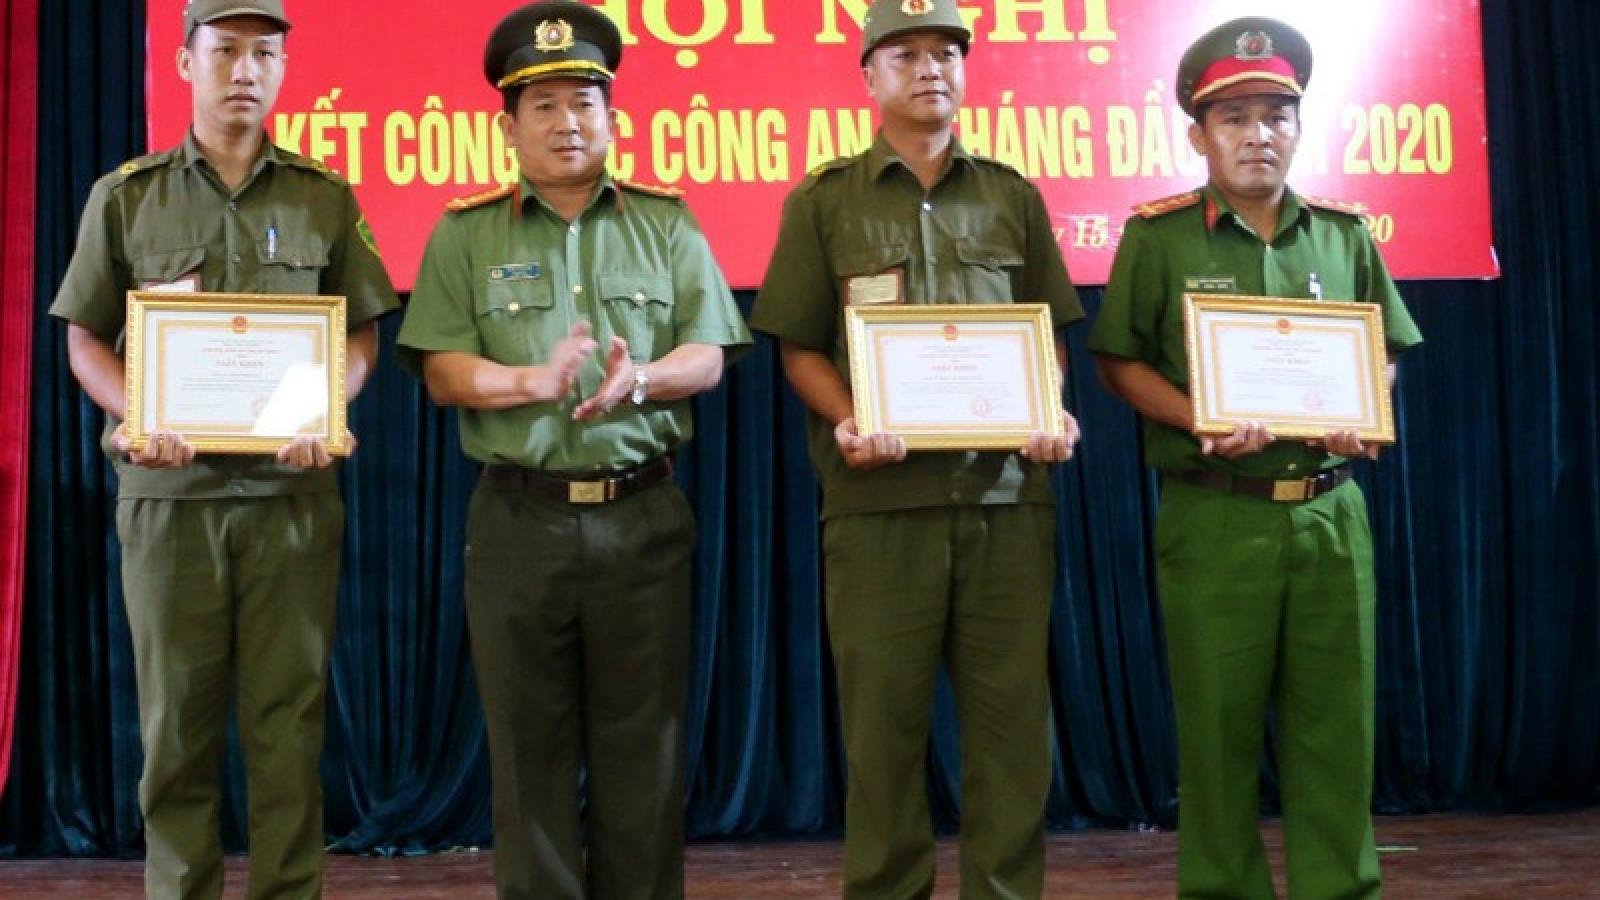 Bắt thêm 1 nghi phạm vụ phóng hỏa làm 3 người bị thương ở An Giang